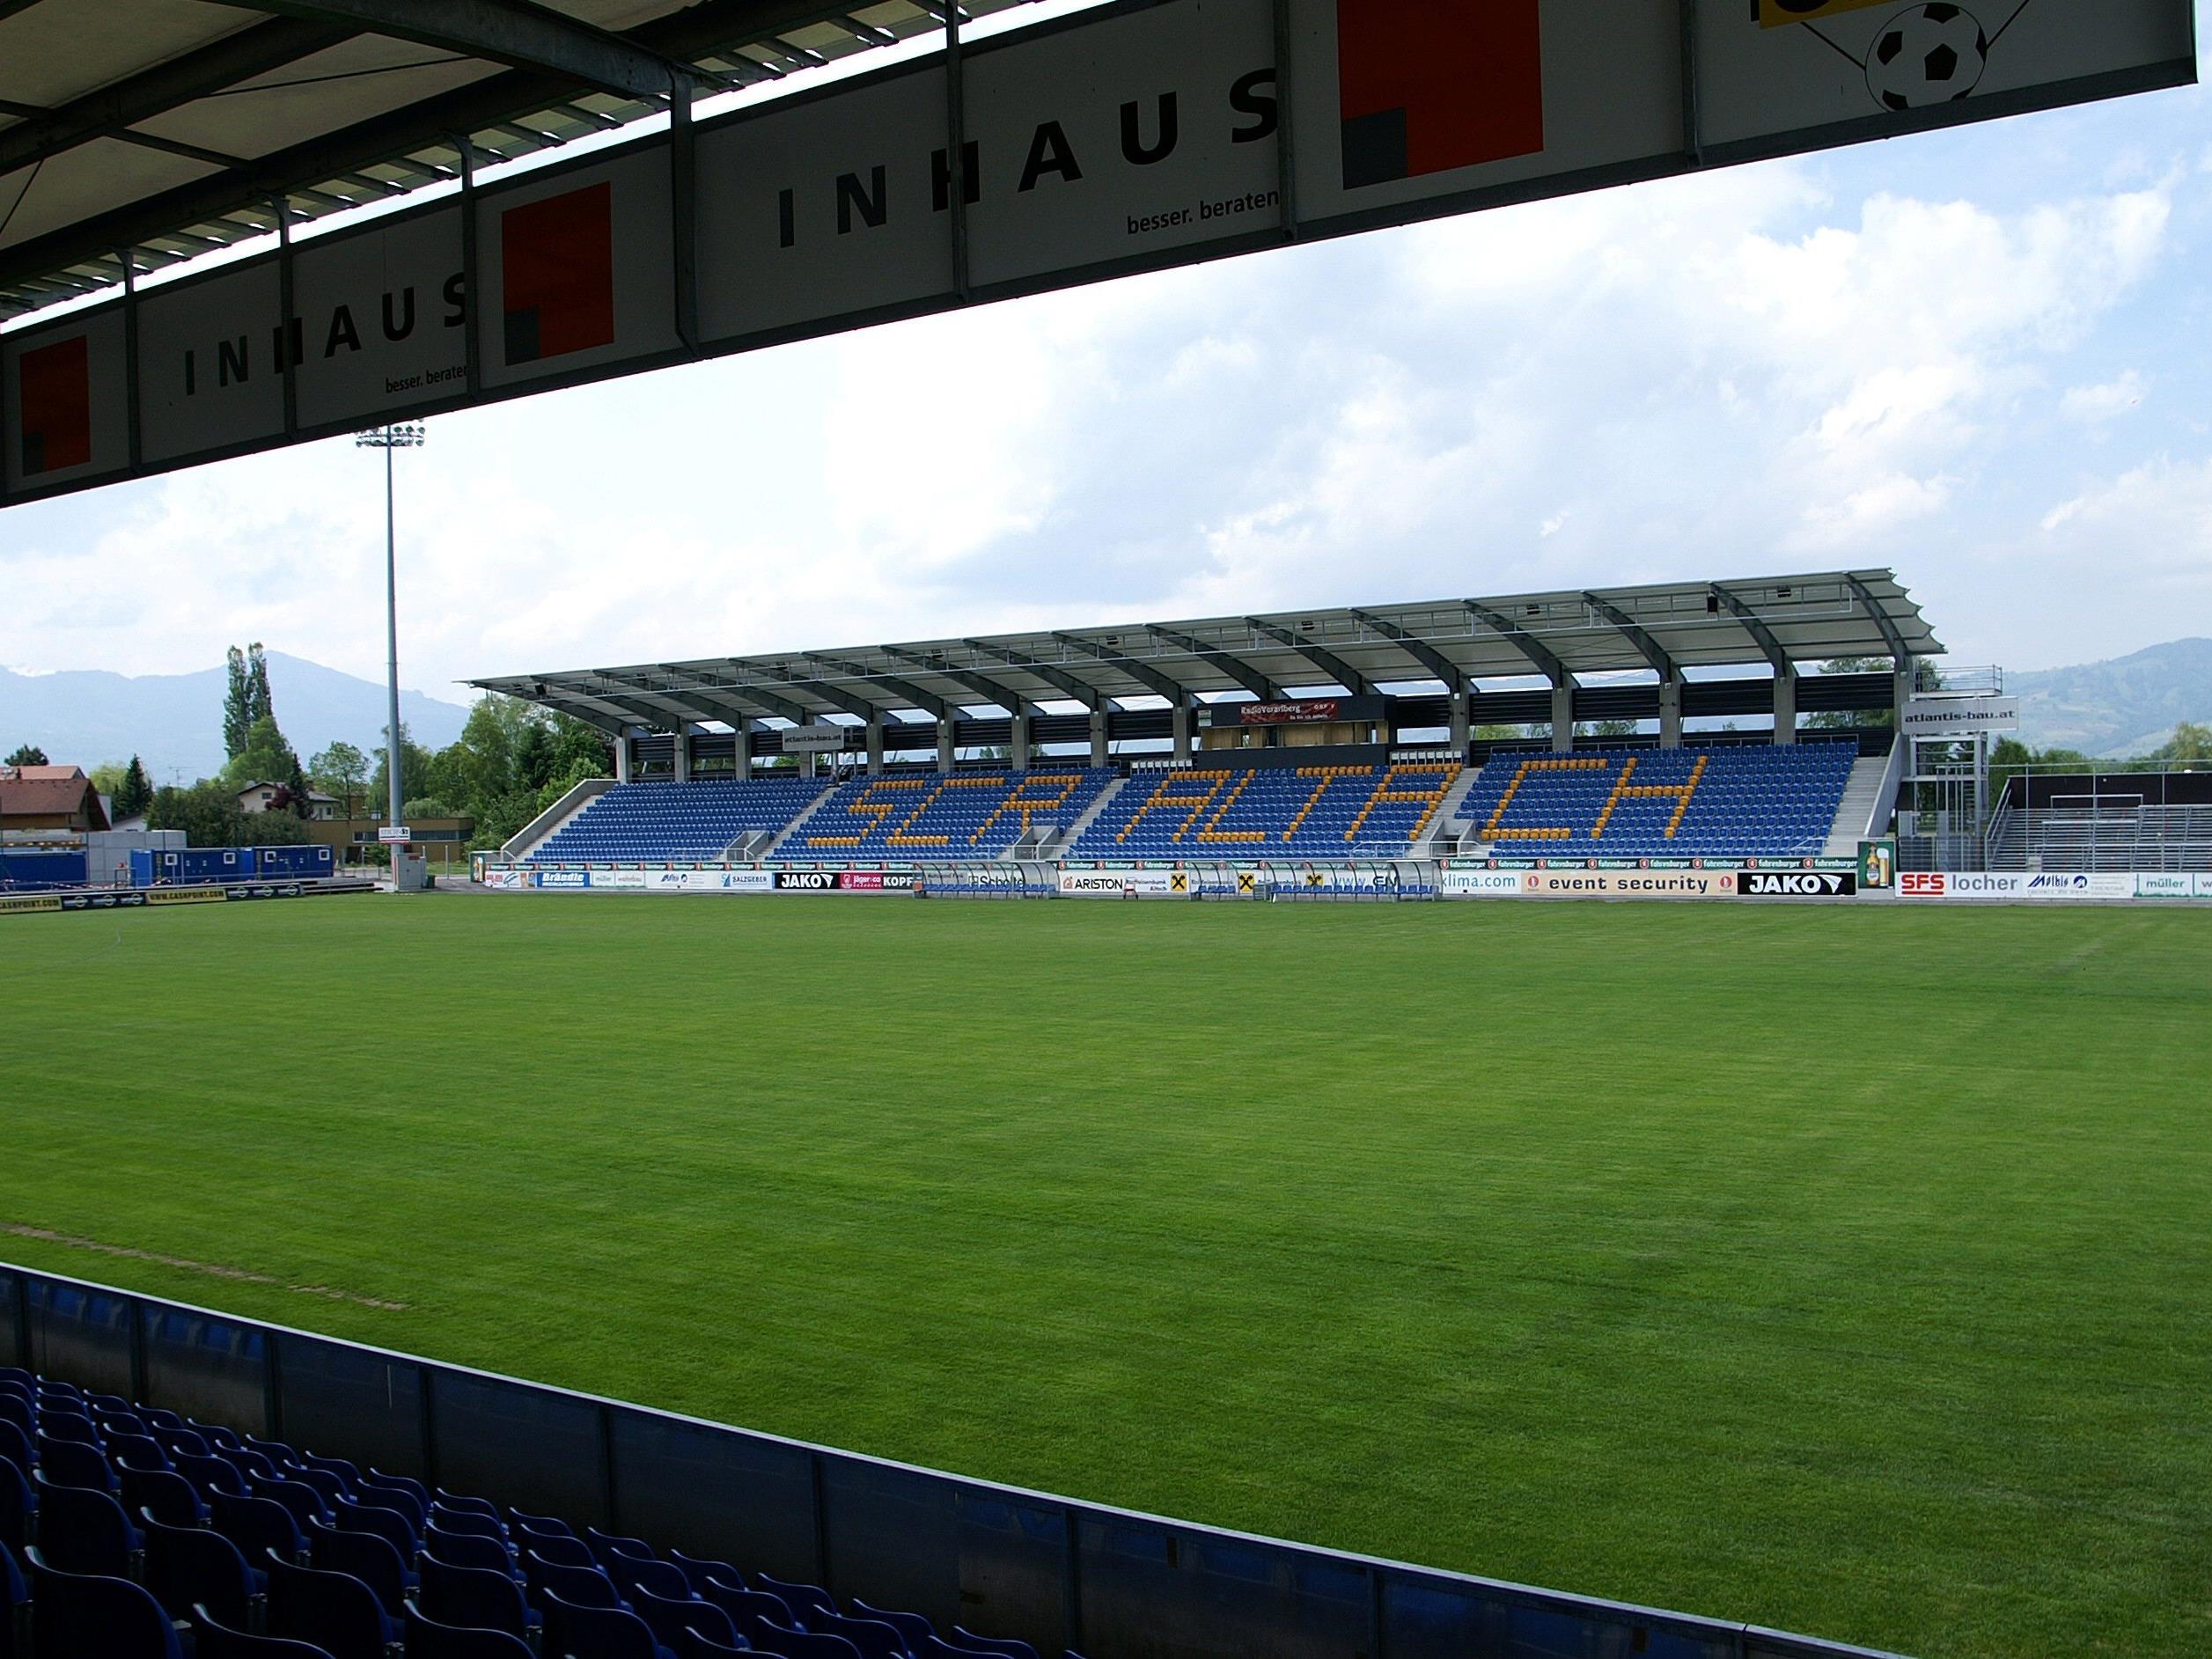 Der SCR Altach hat in der abgelaufenen Fußball-Meisterschaft den besten Rasen aller Bundesligisten gehabt. Zu diesem Schluss kam die Spielergewerkschaft Vereinigung der Fußballer (VdF) nach Auswertung ihrer Daten.